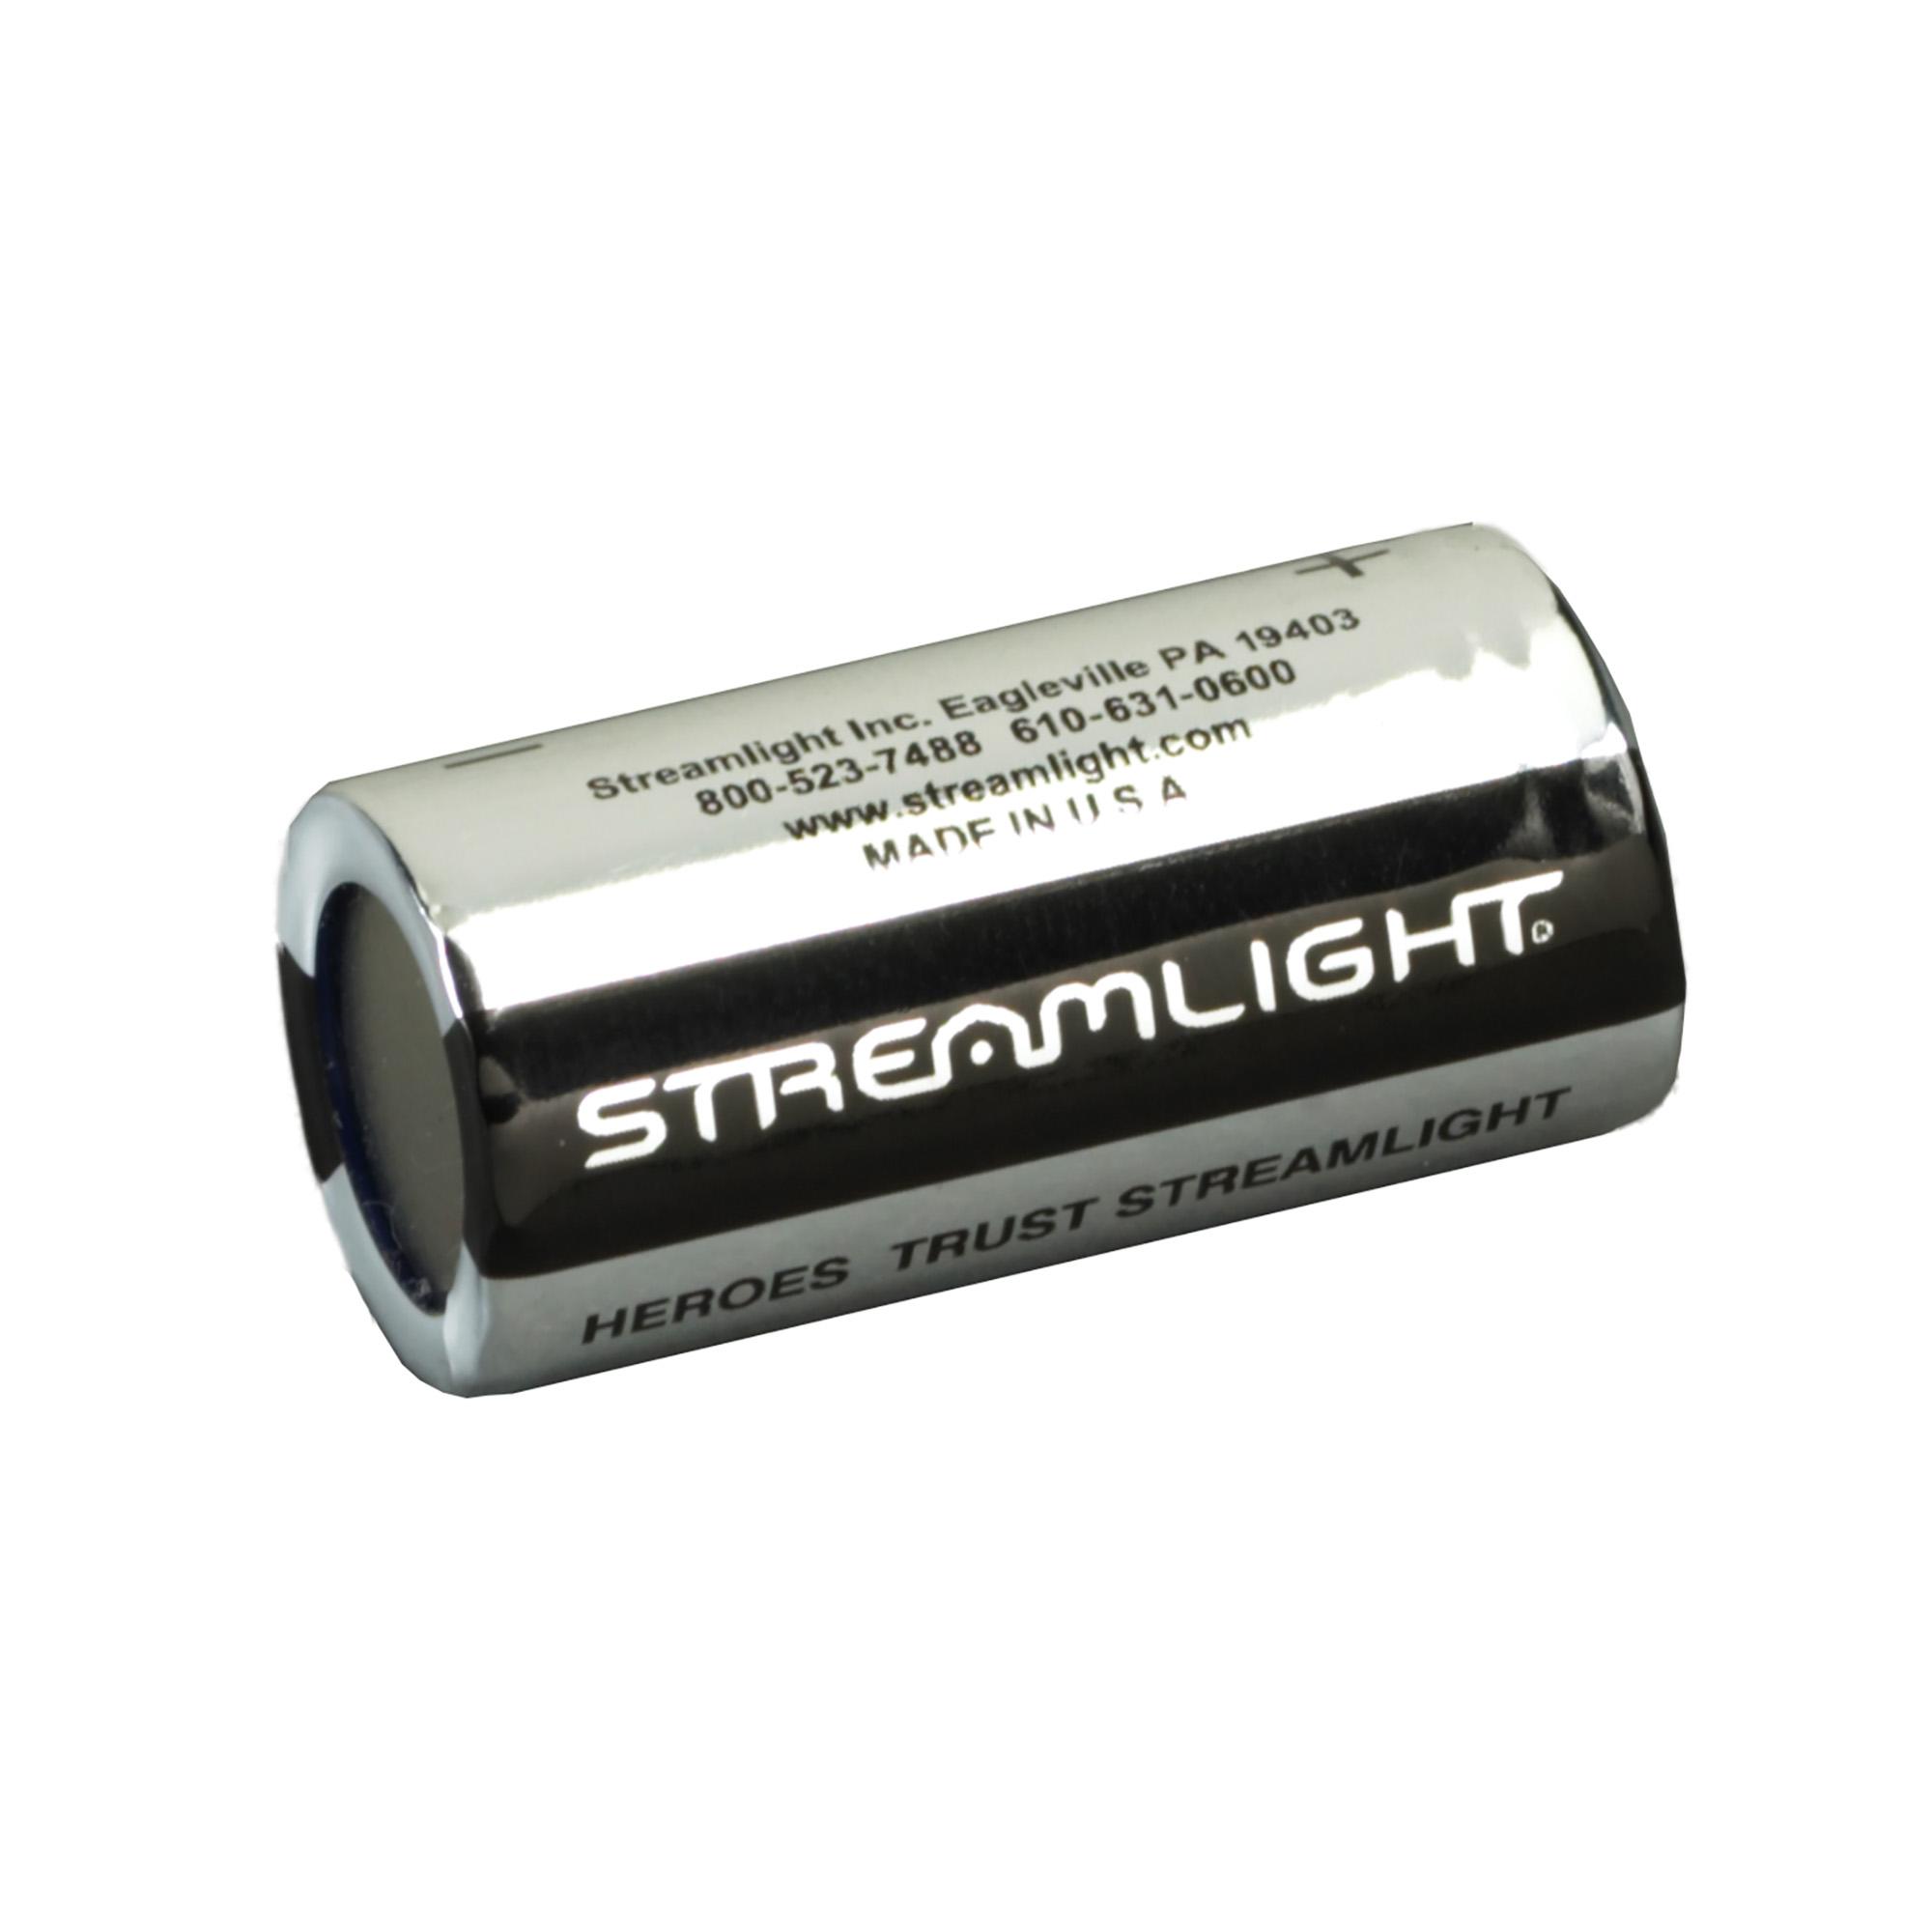 Strmlght 3v Lithium Battery 6/pk